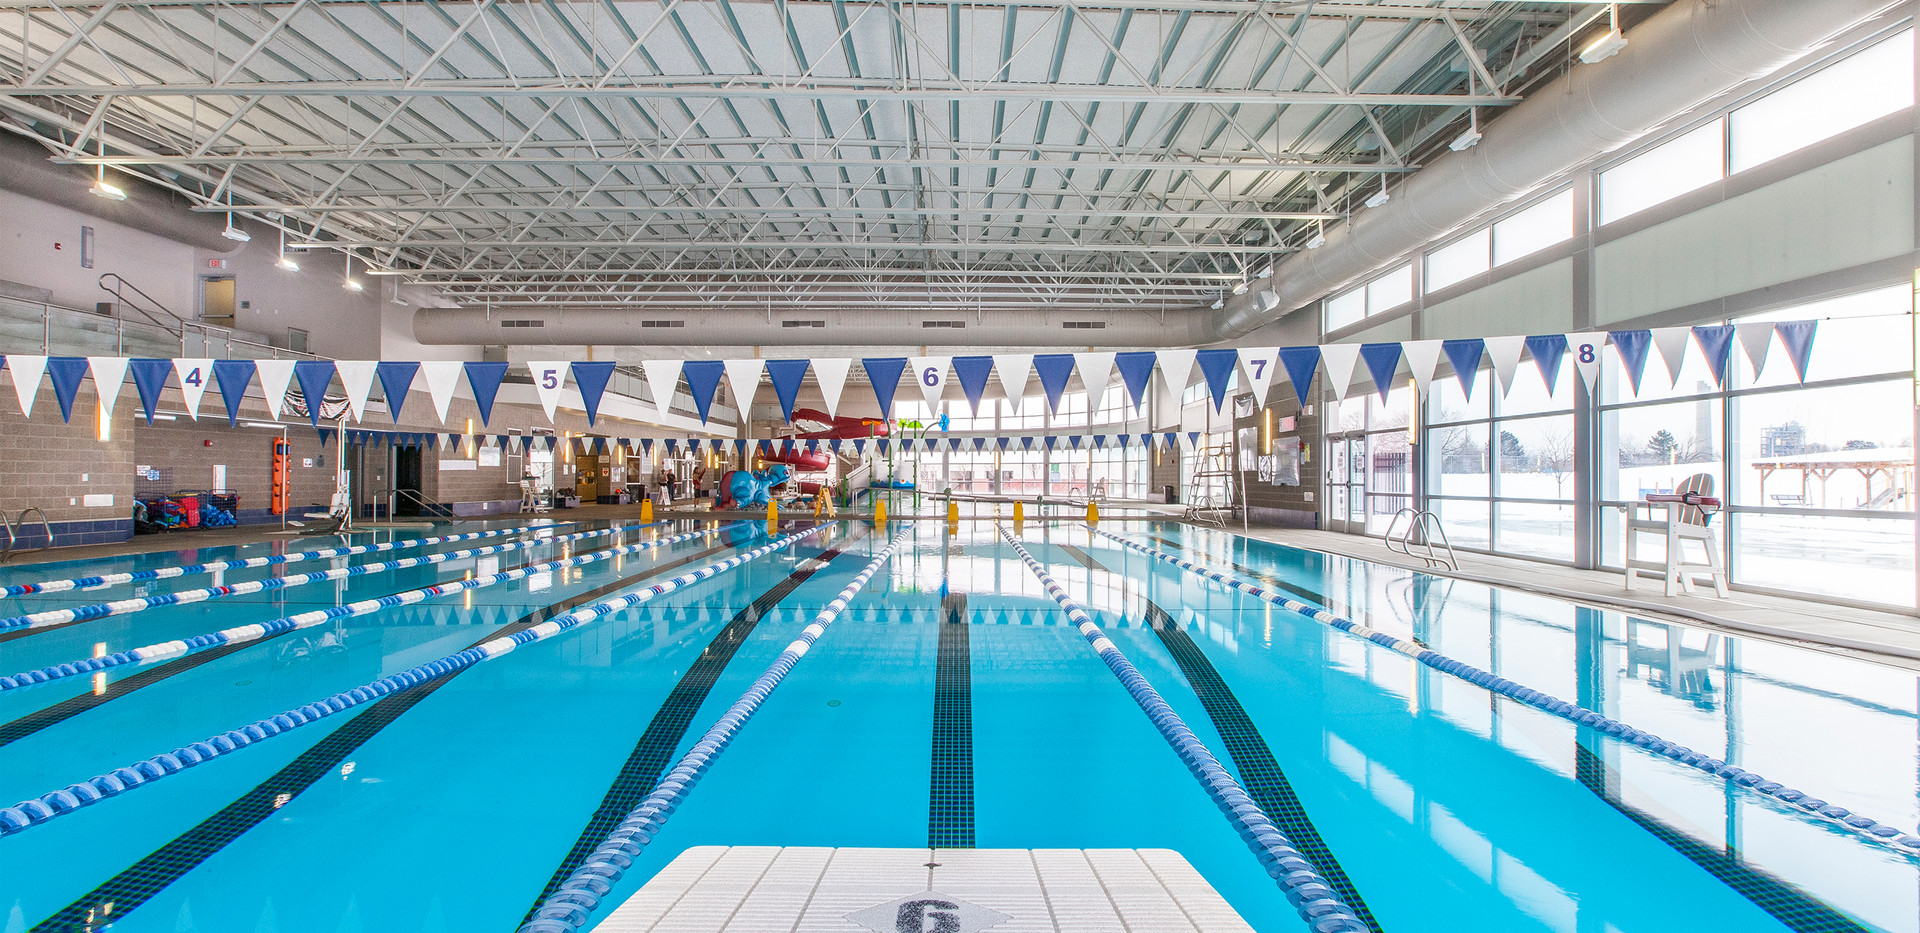 Northwest Recreational Center